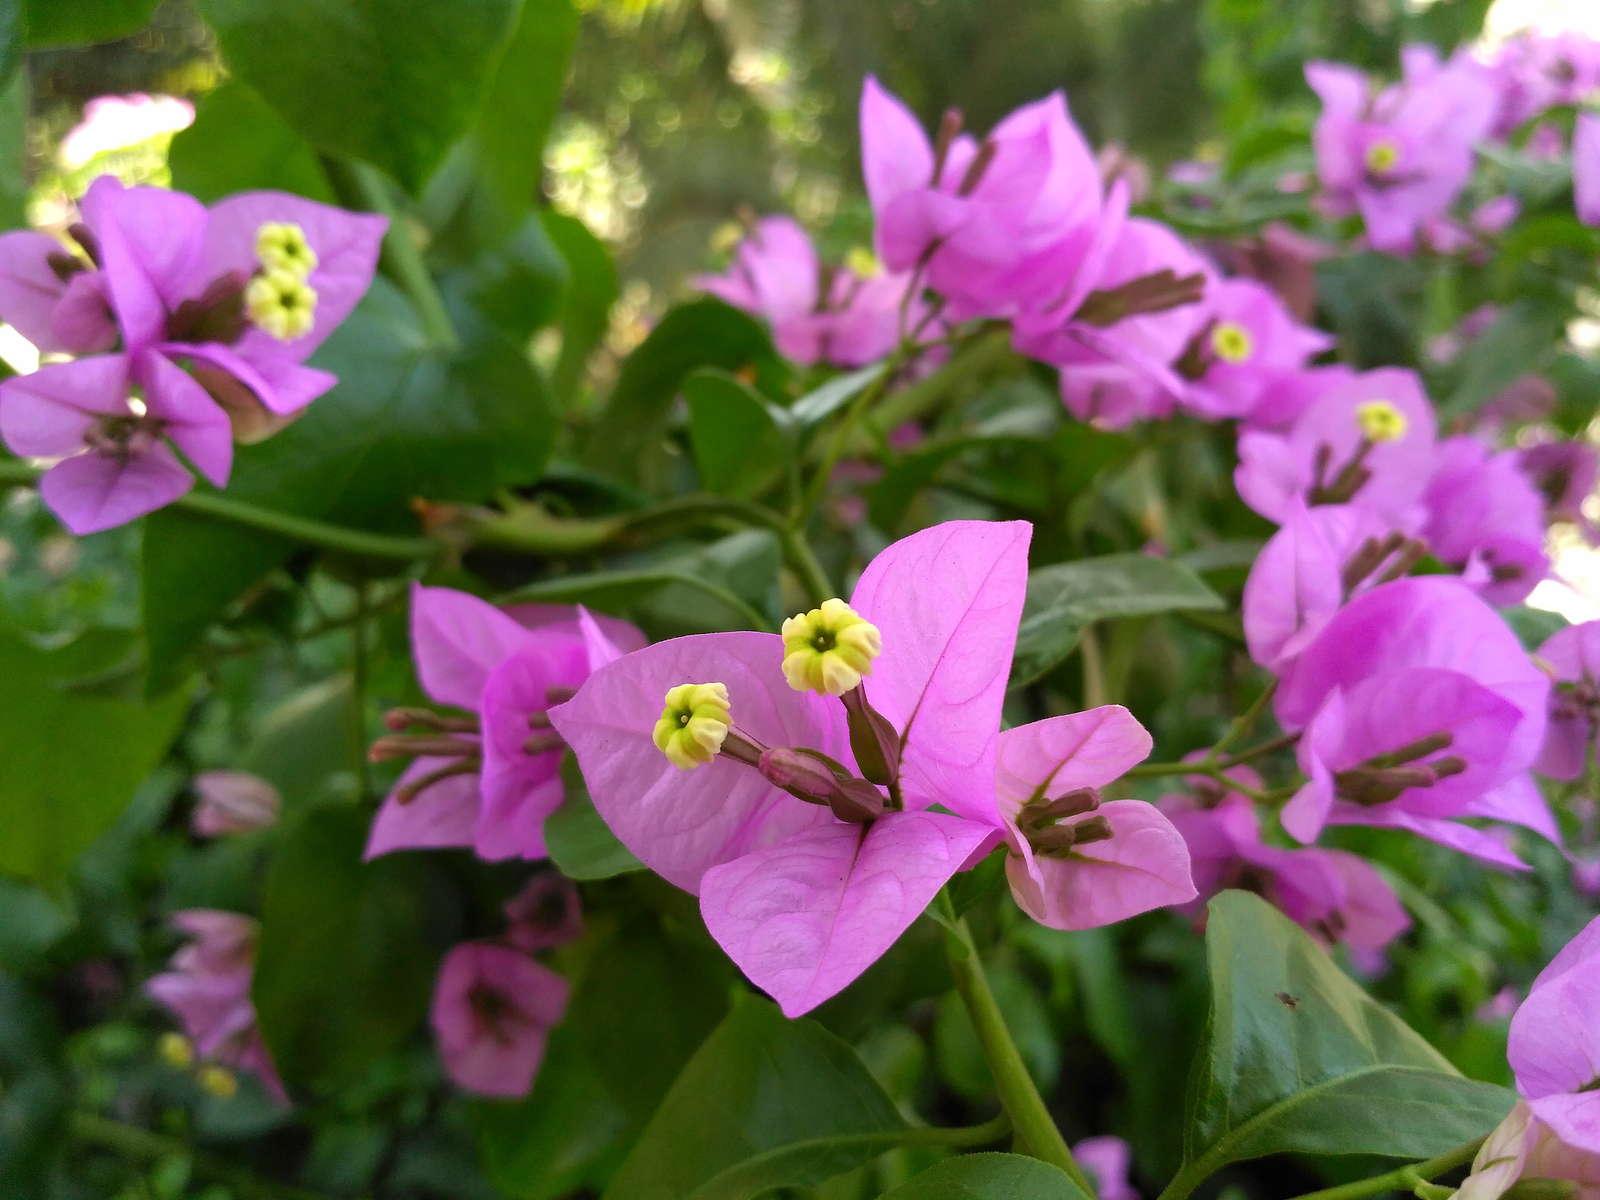 pflanzen in der kuche tipps rund pflege, bougainvillea: experten-tipps rund um pflege & co. - plantura, Design ideen